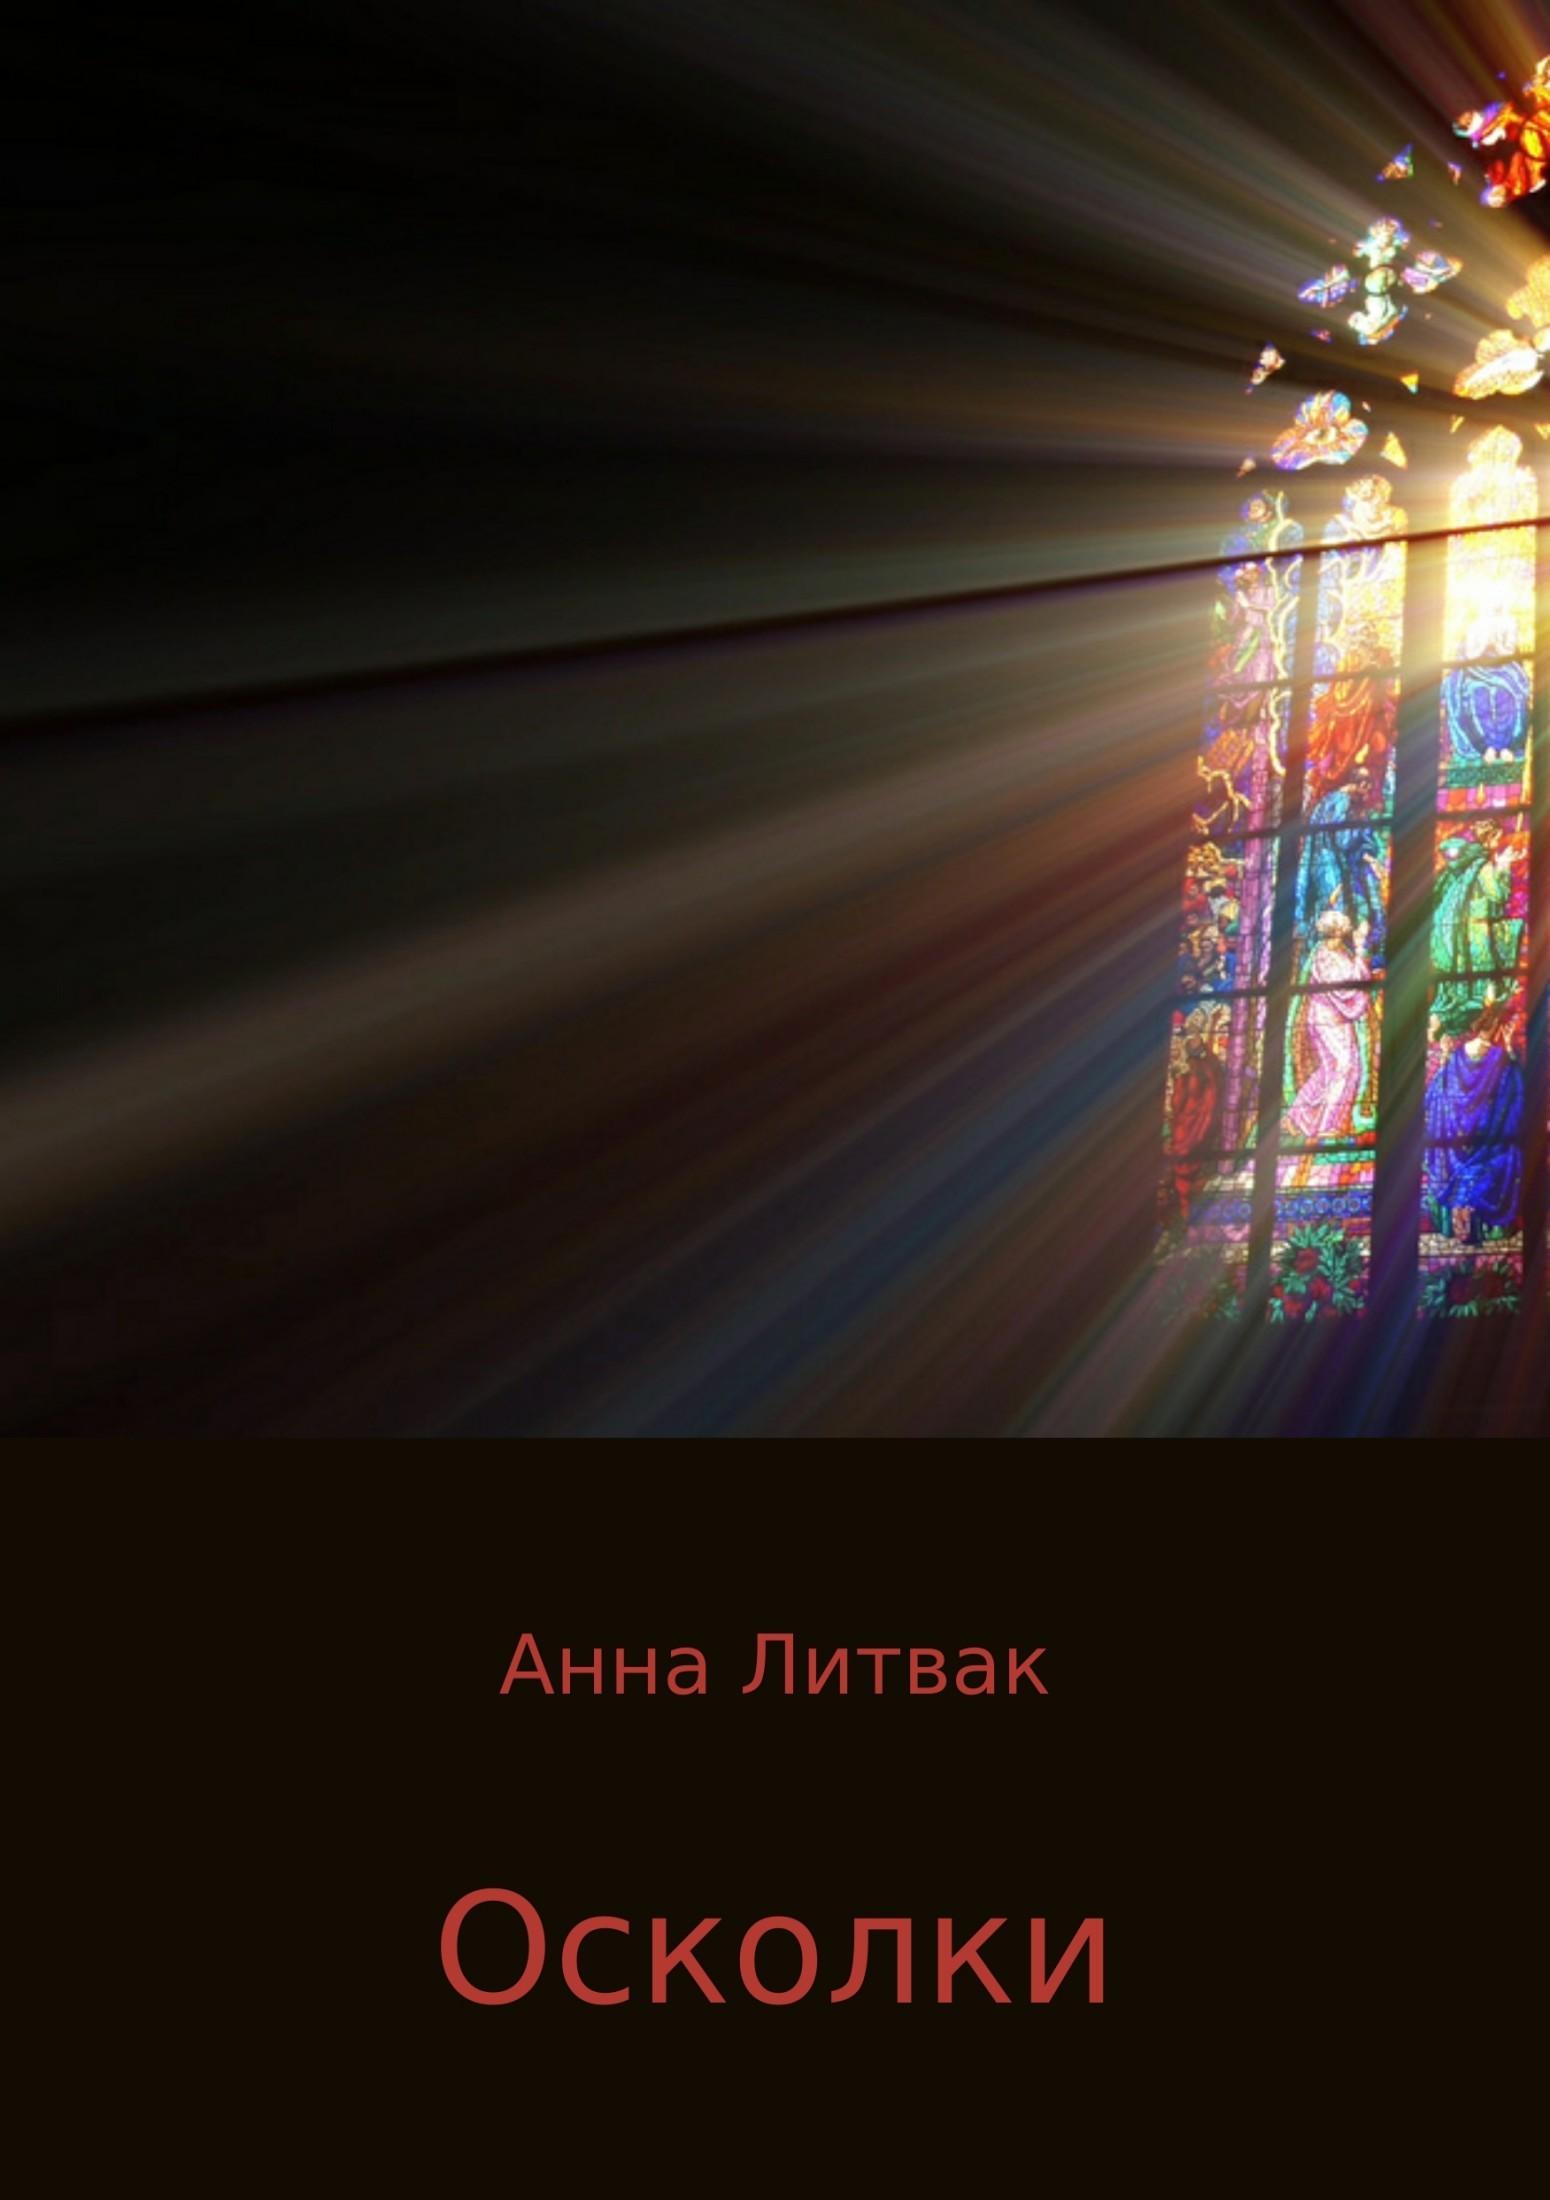 Анна Литвак Осколки. Сборник рассказов